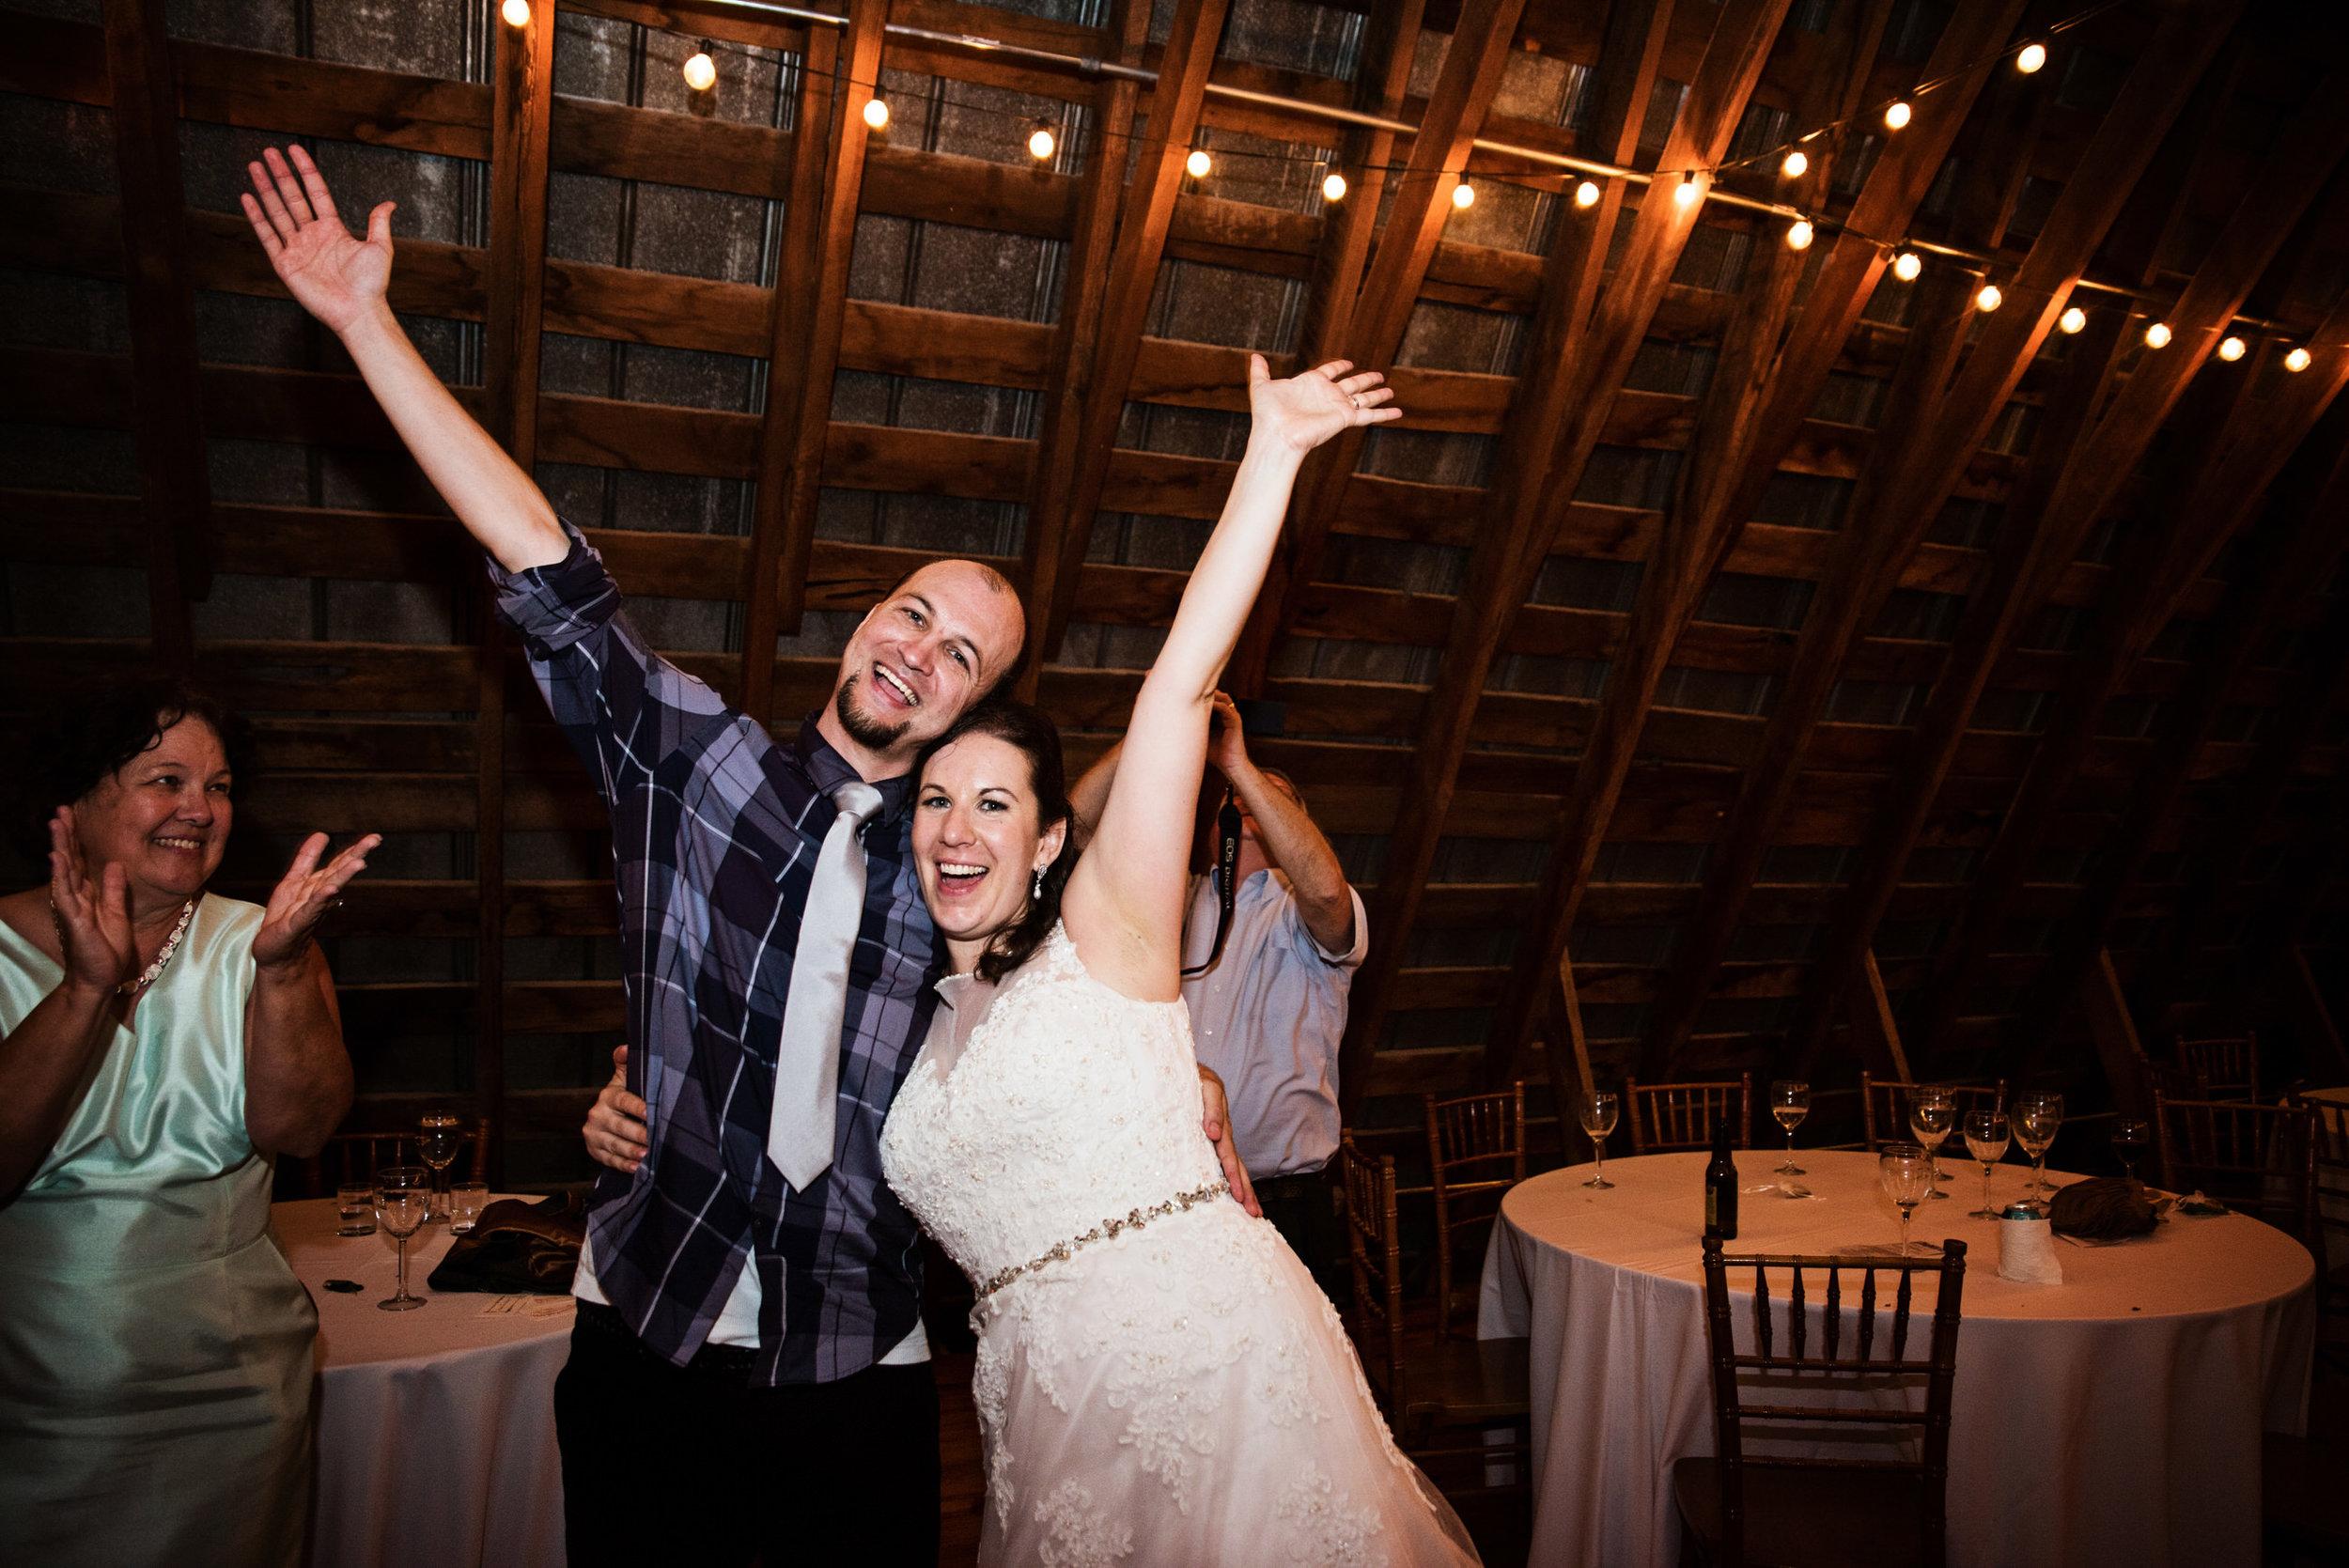 EastLynnFarmWedding-Stephanie&Aaron-Reception-378.jpg